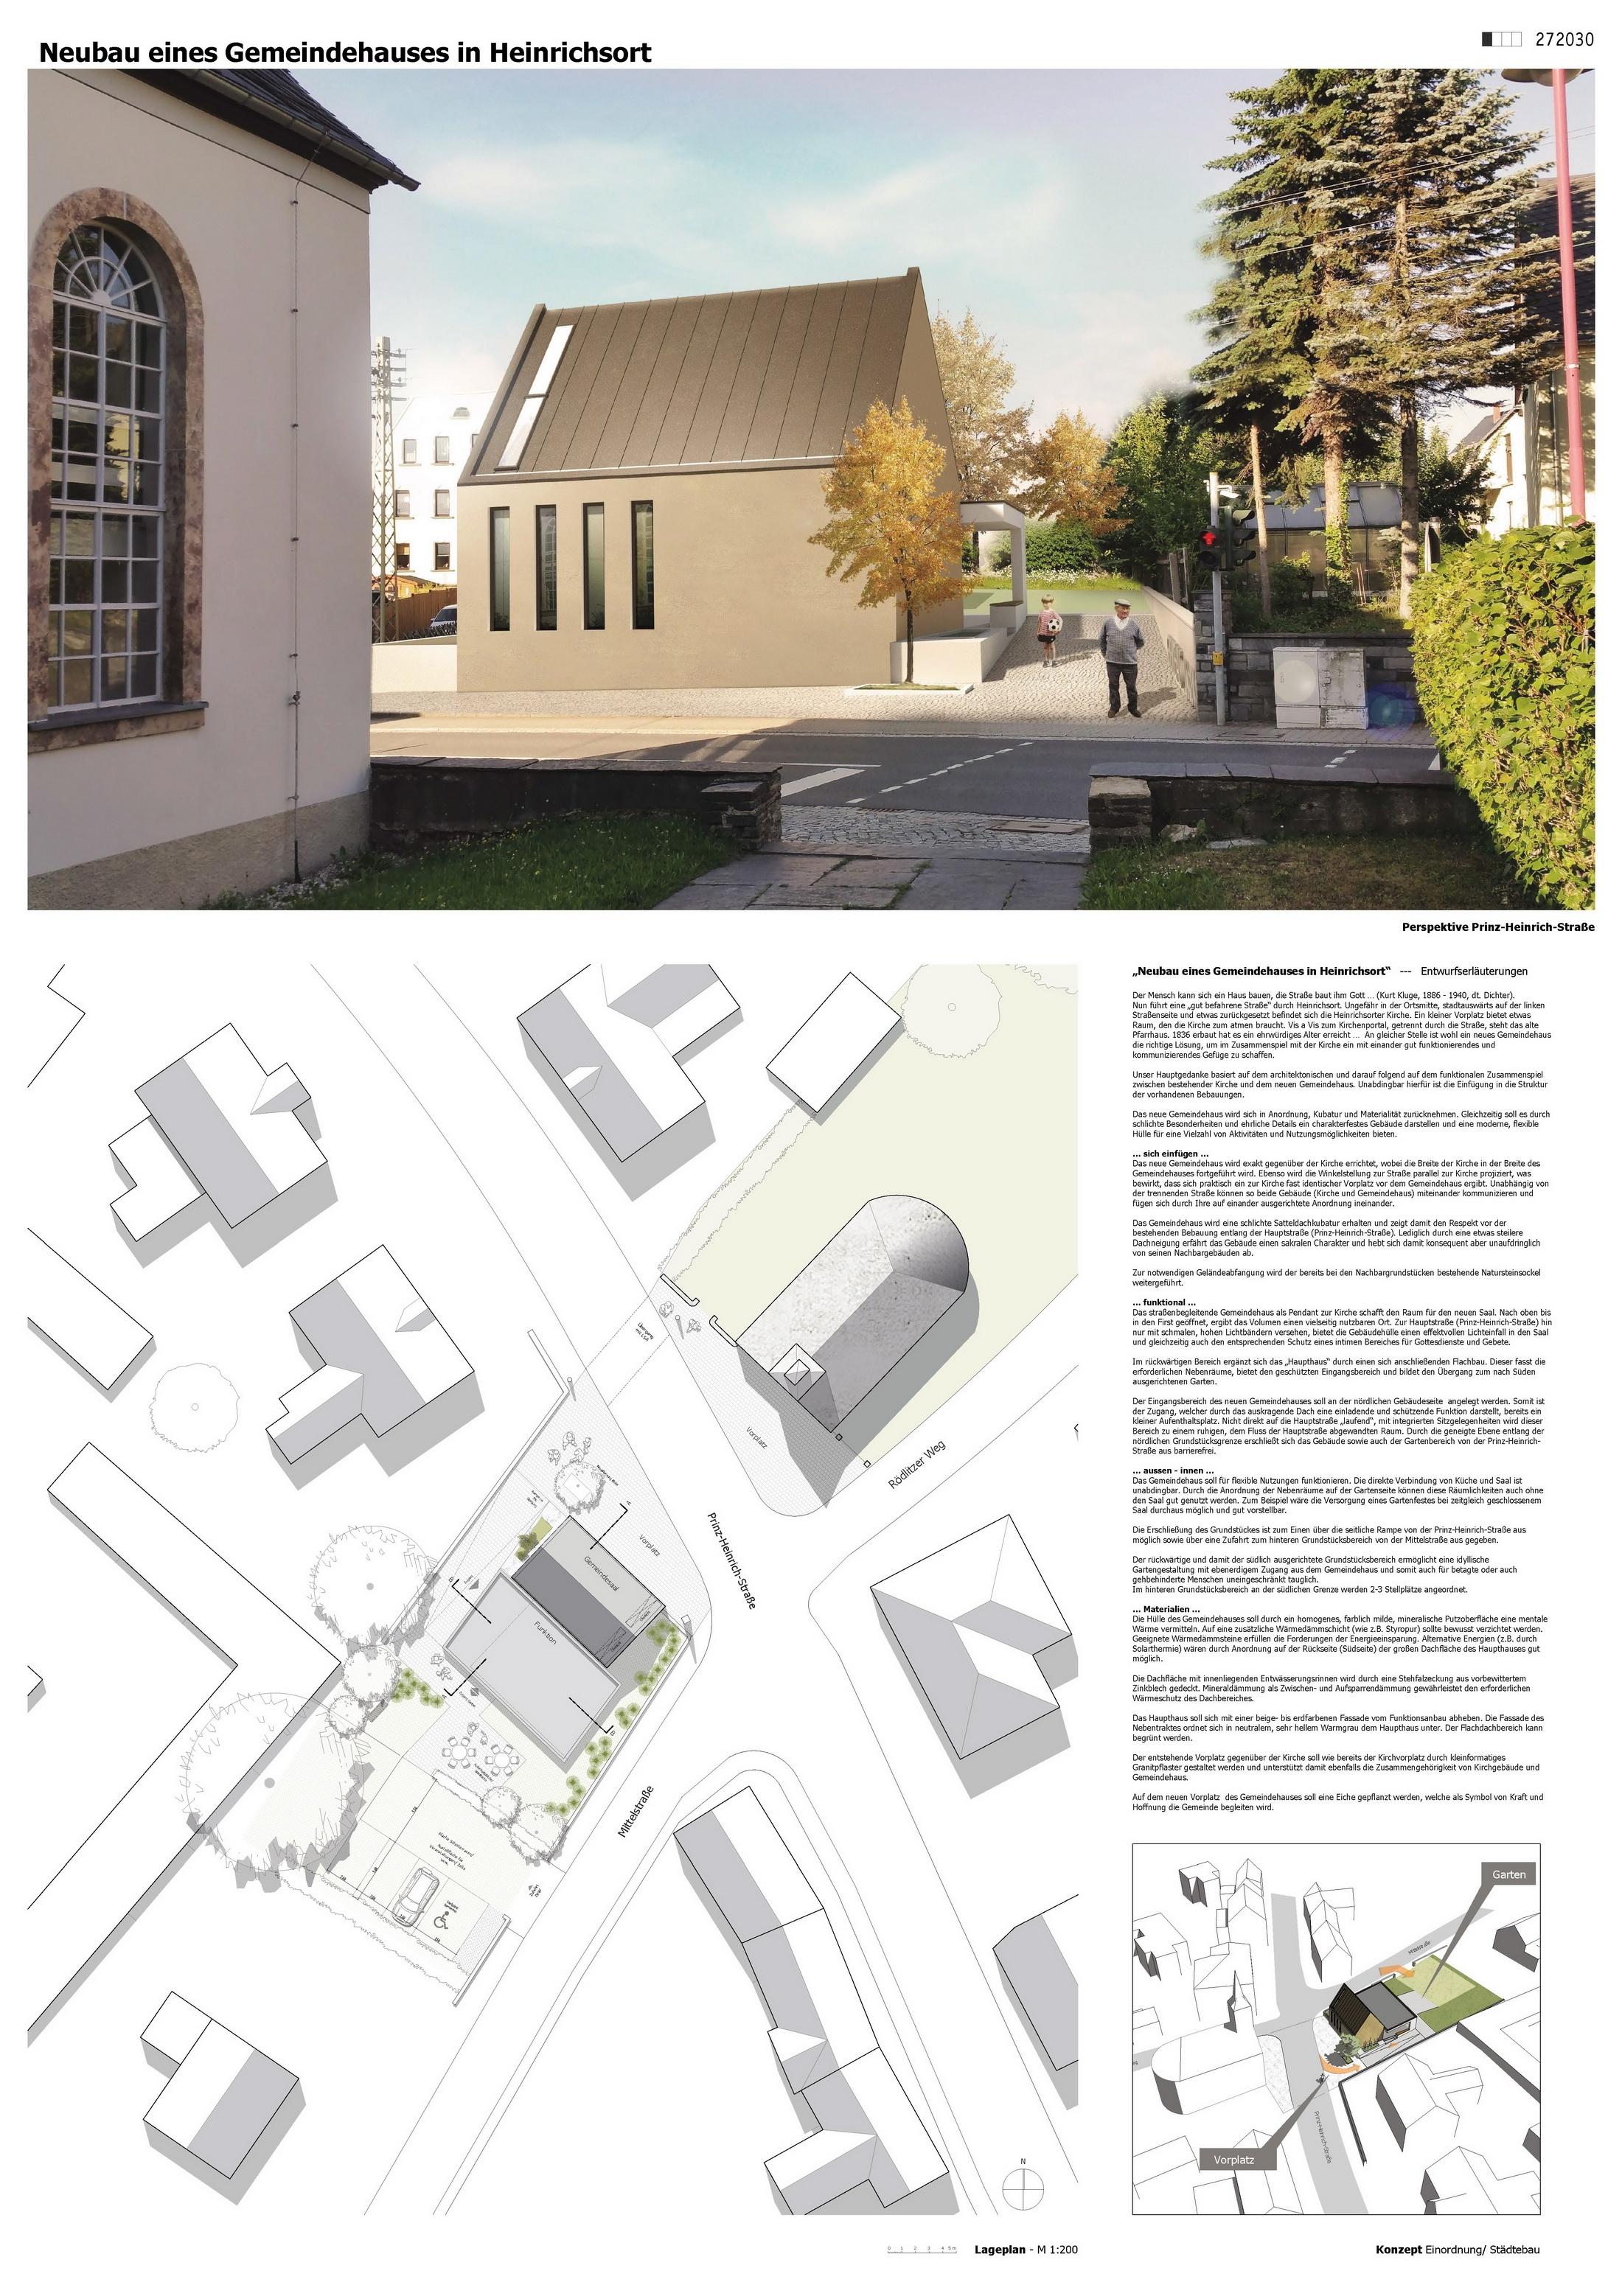 Ergebnis Neubau Eines Gemeindehausescompetitionline - Längs zum lichteinfall